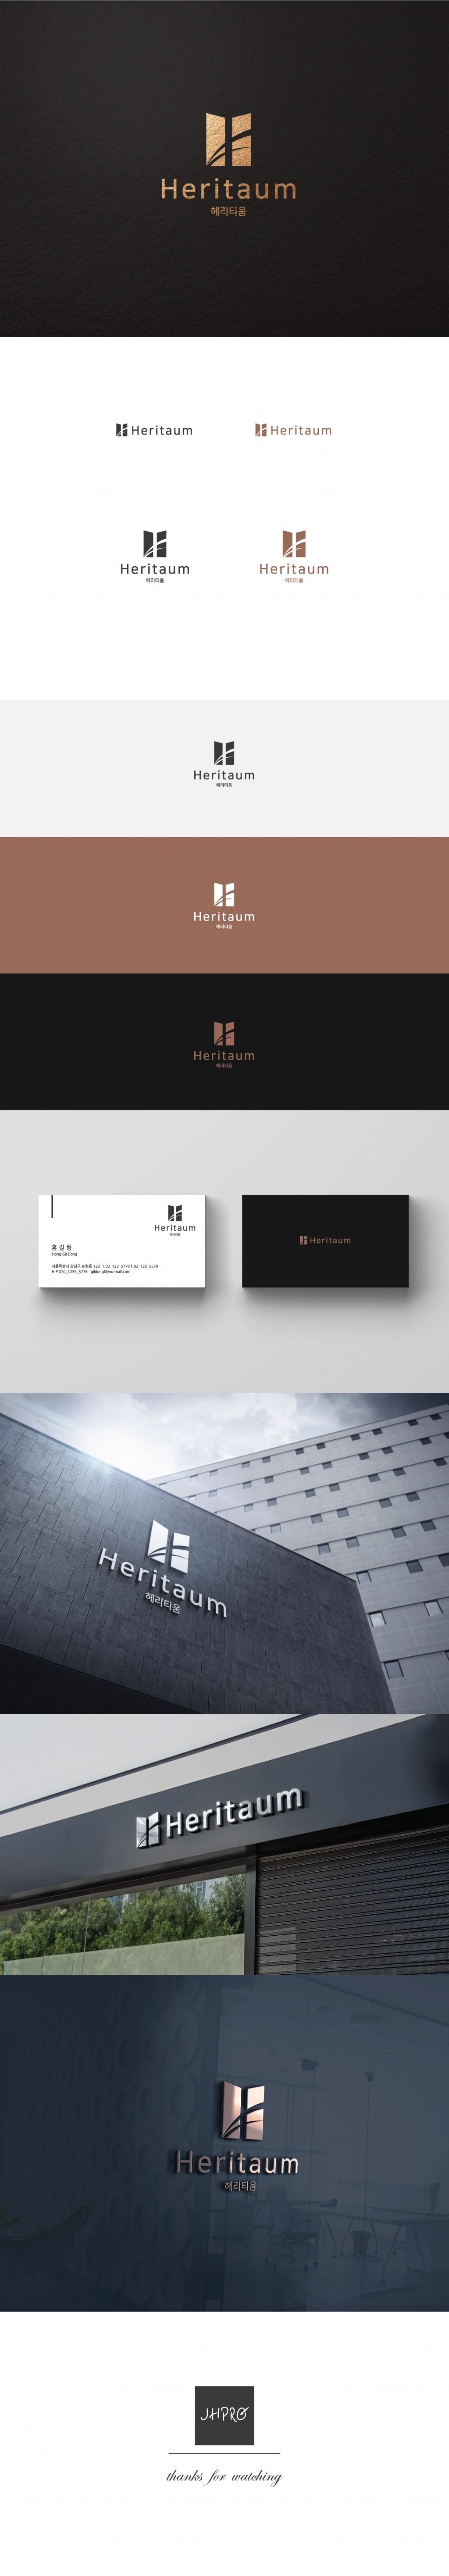 로고 디자인 | 아파트 브랜드 로고 디자인 의뢰 | 라우드소싱 포트폴리오